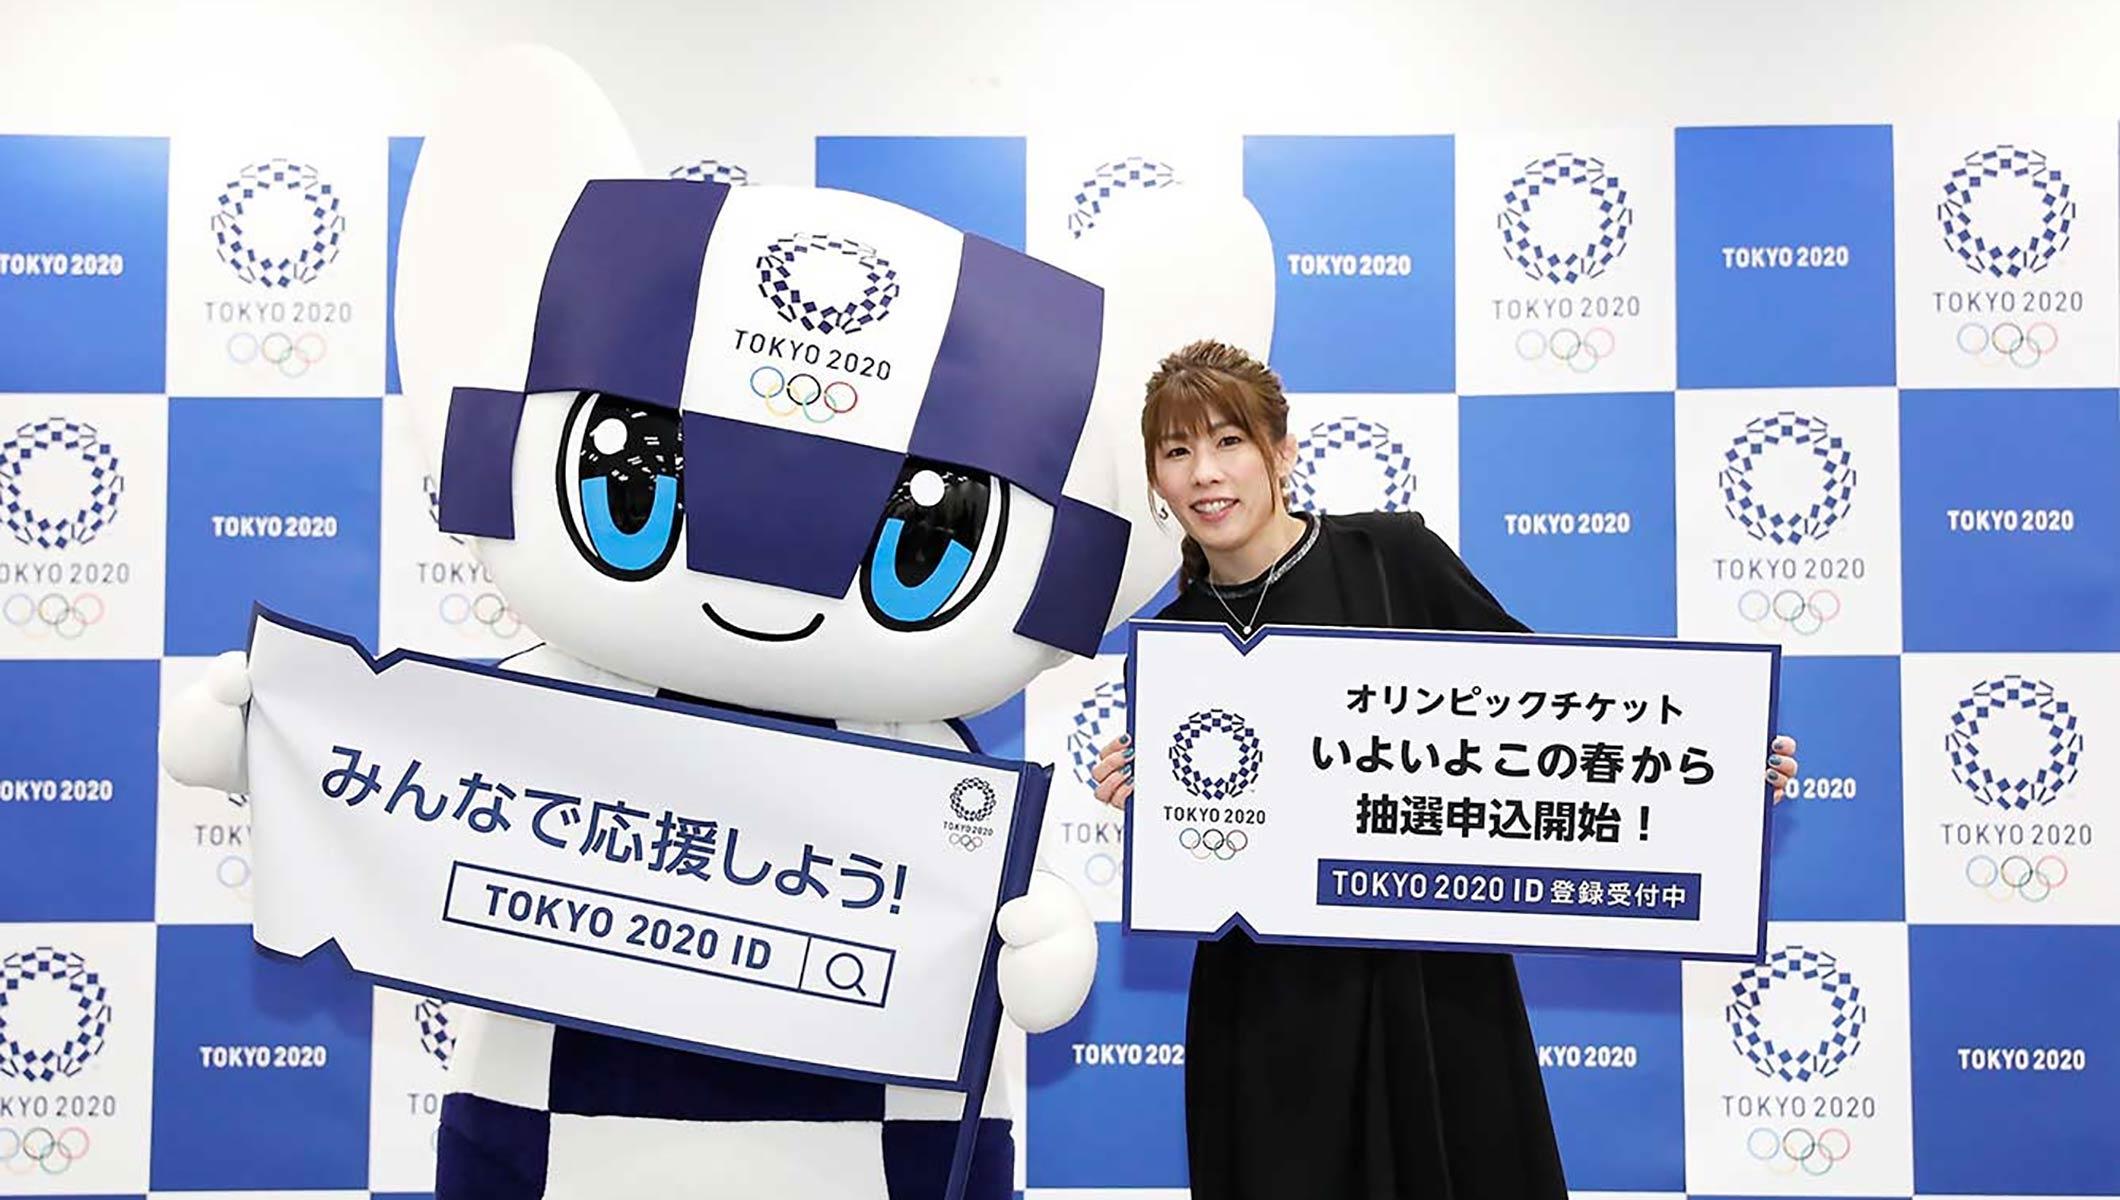 La plataforma para la venta de boletos a las competencias de los Juegos Olímpicos ya fue develada. Foto: IOC